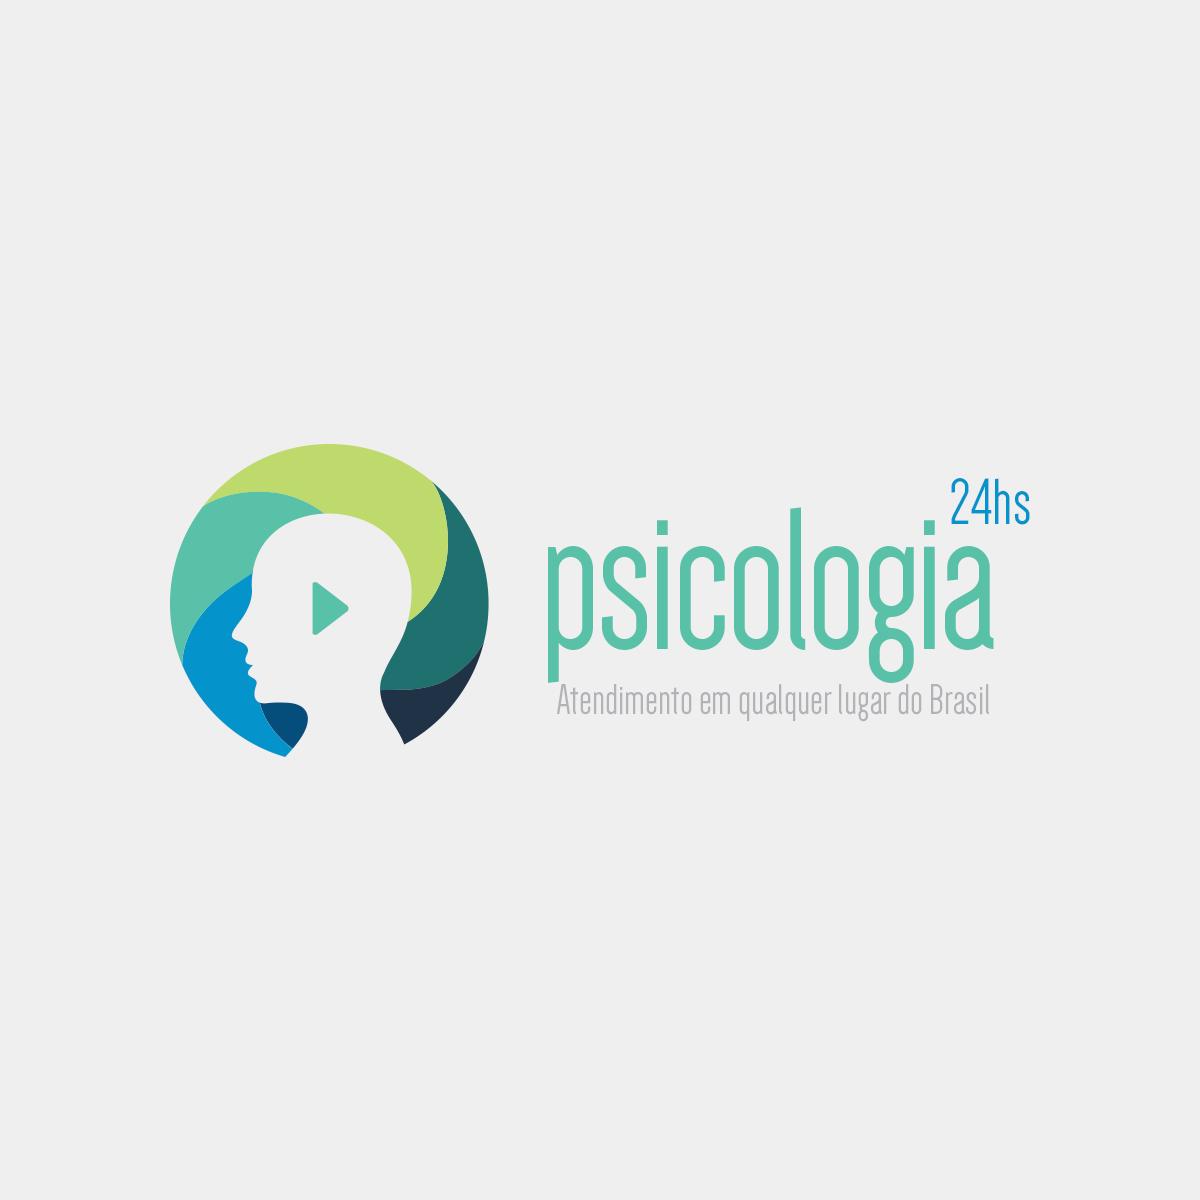 http://brasiltelemedicina.com.br/wp-content/uploads/2016/07/psicologia-24hs-1200x1200.png